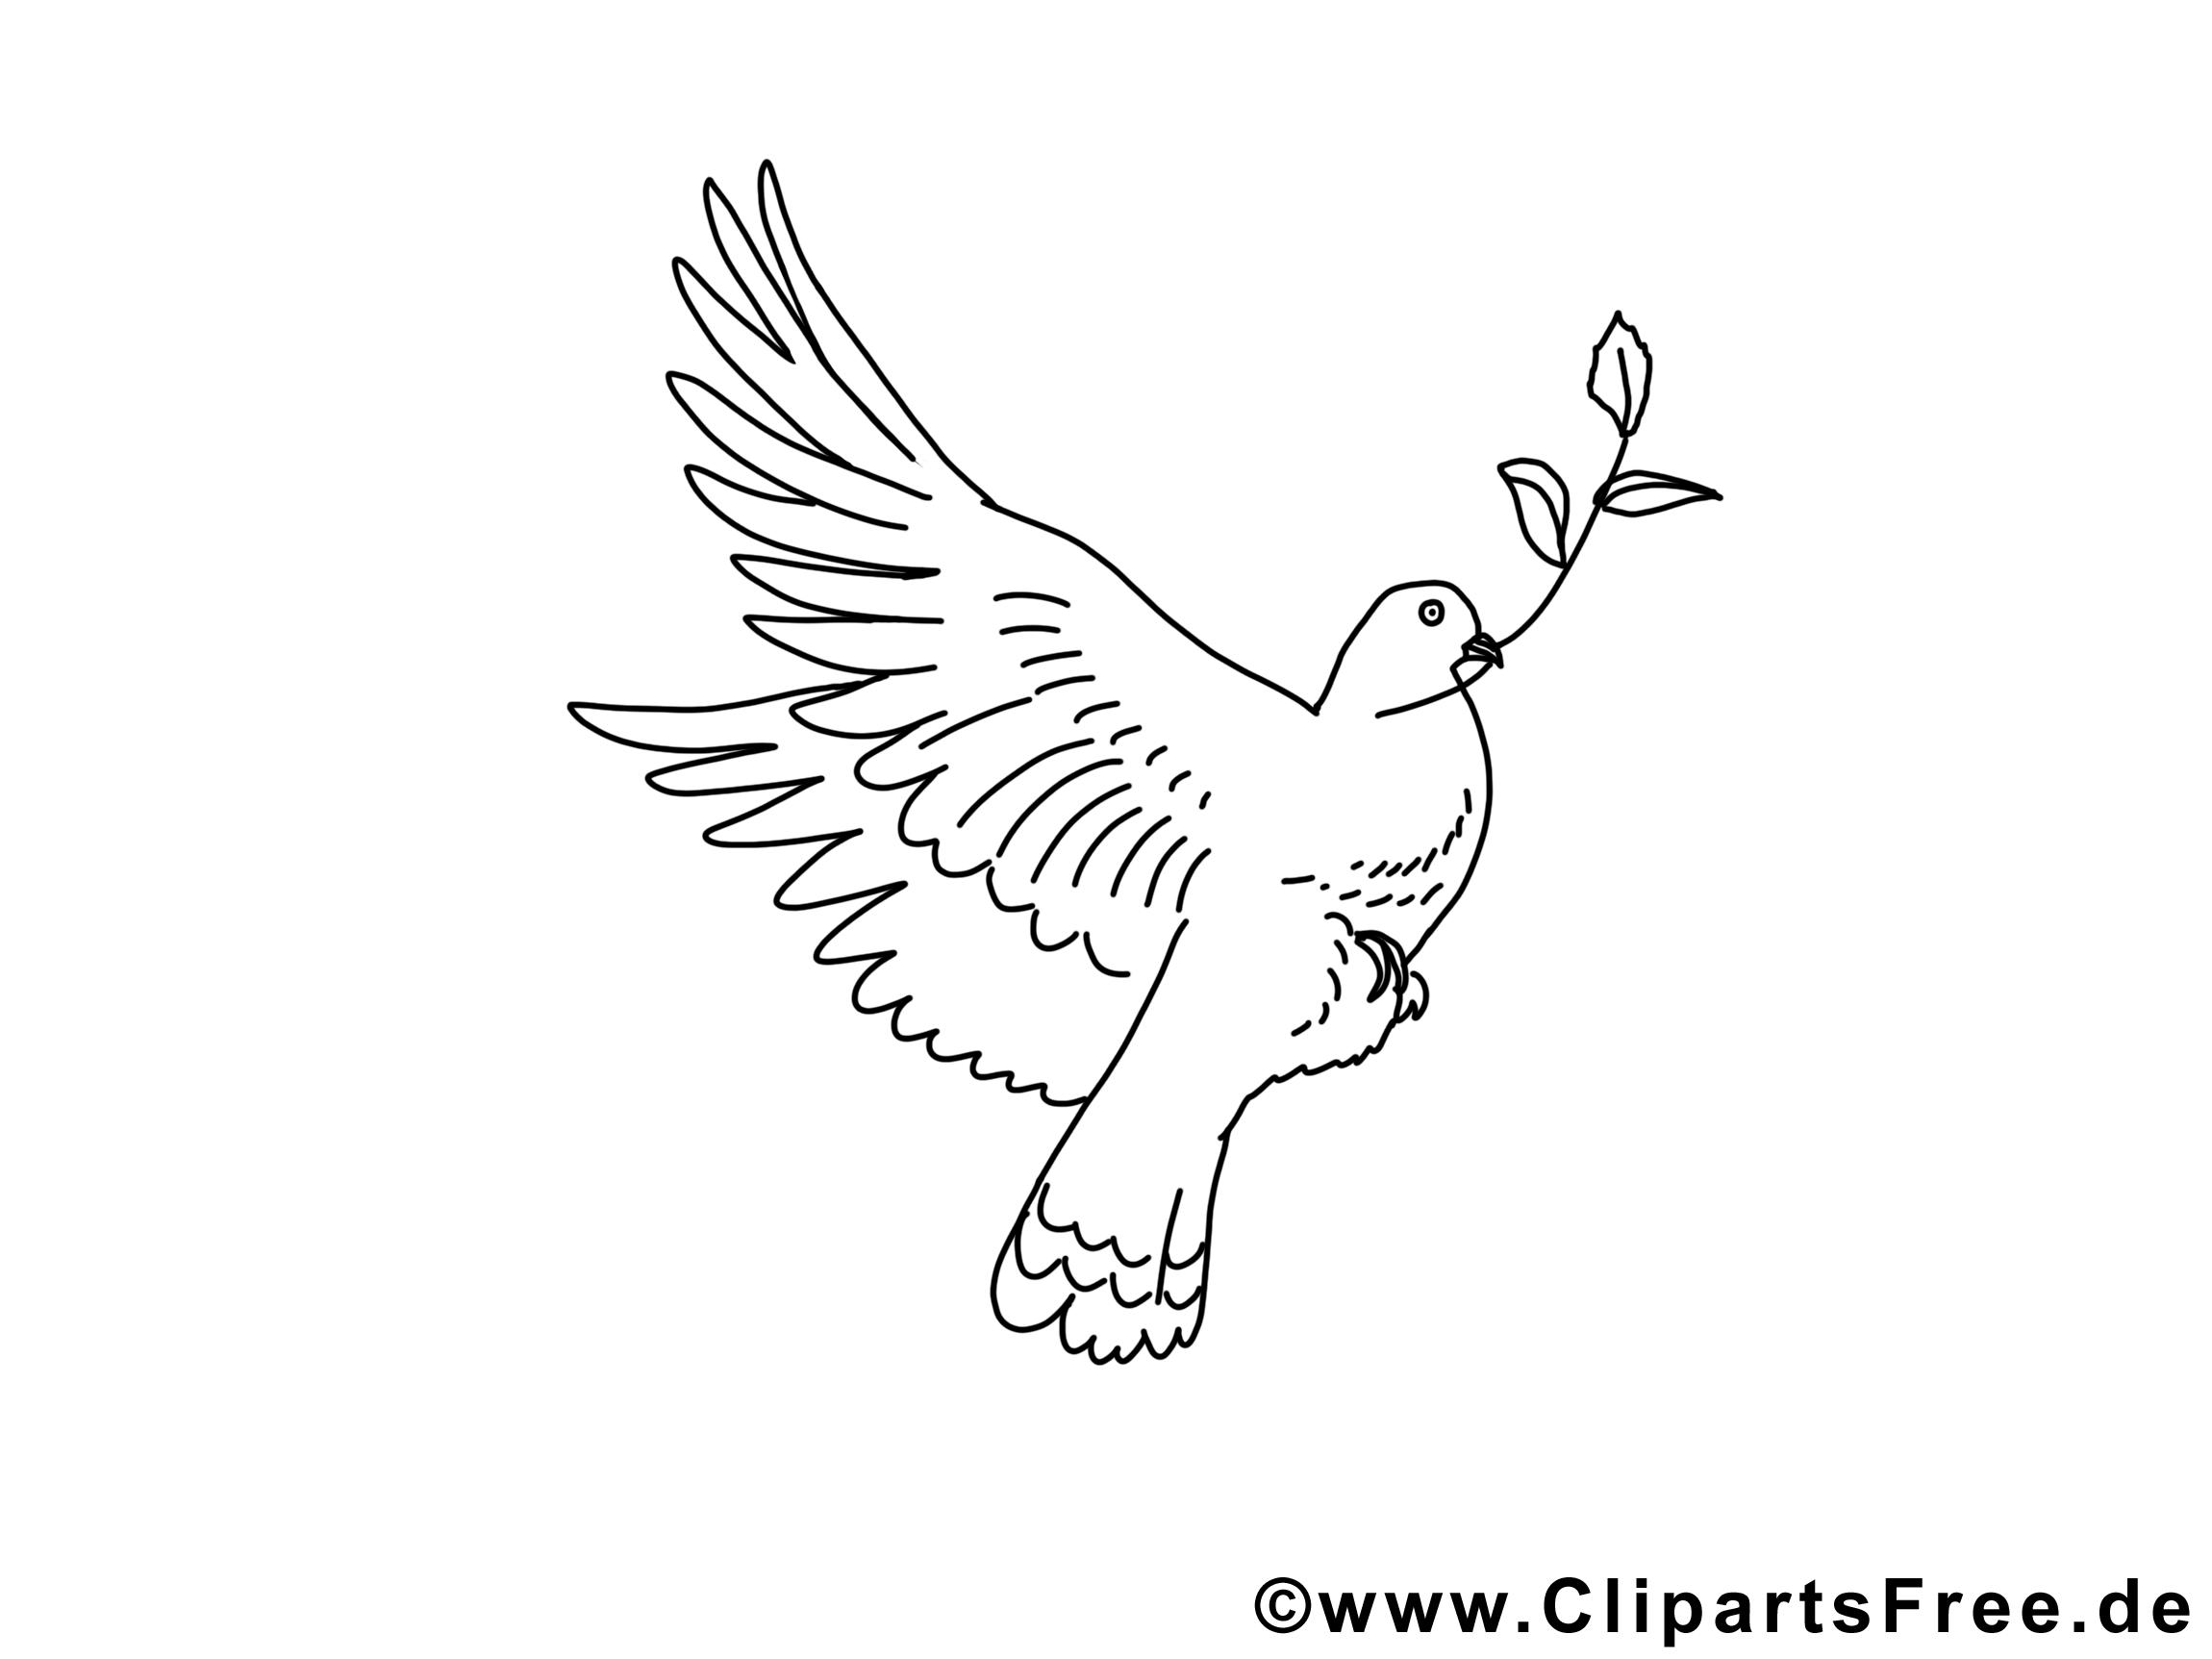 Préférence Colombe dessin à imprimer images - Divers Pages à colorier dessin  LQ19